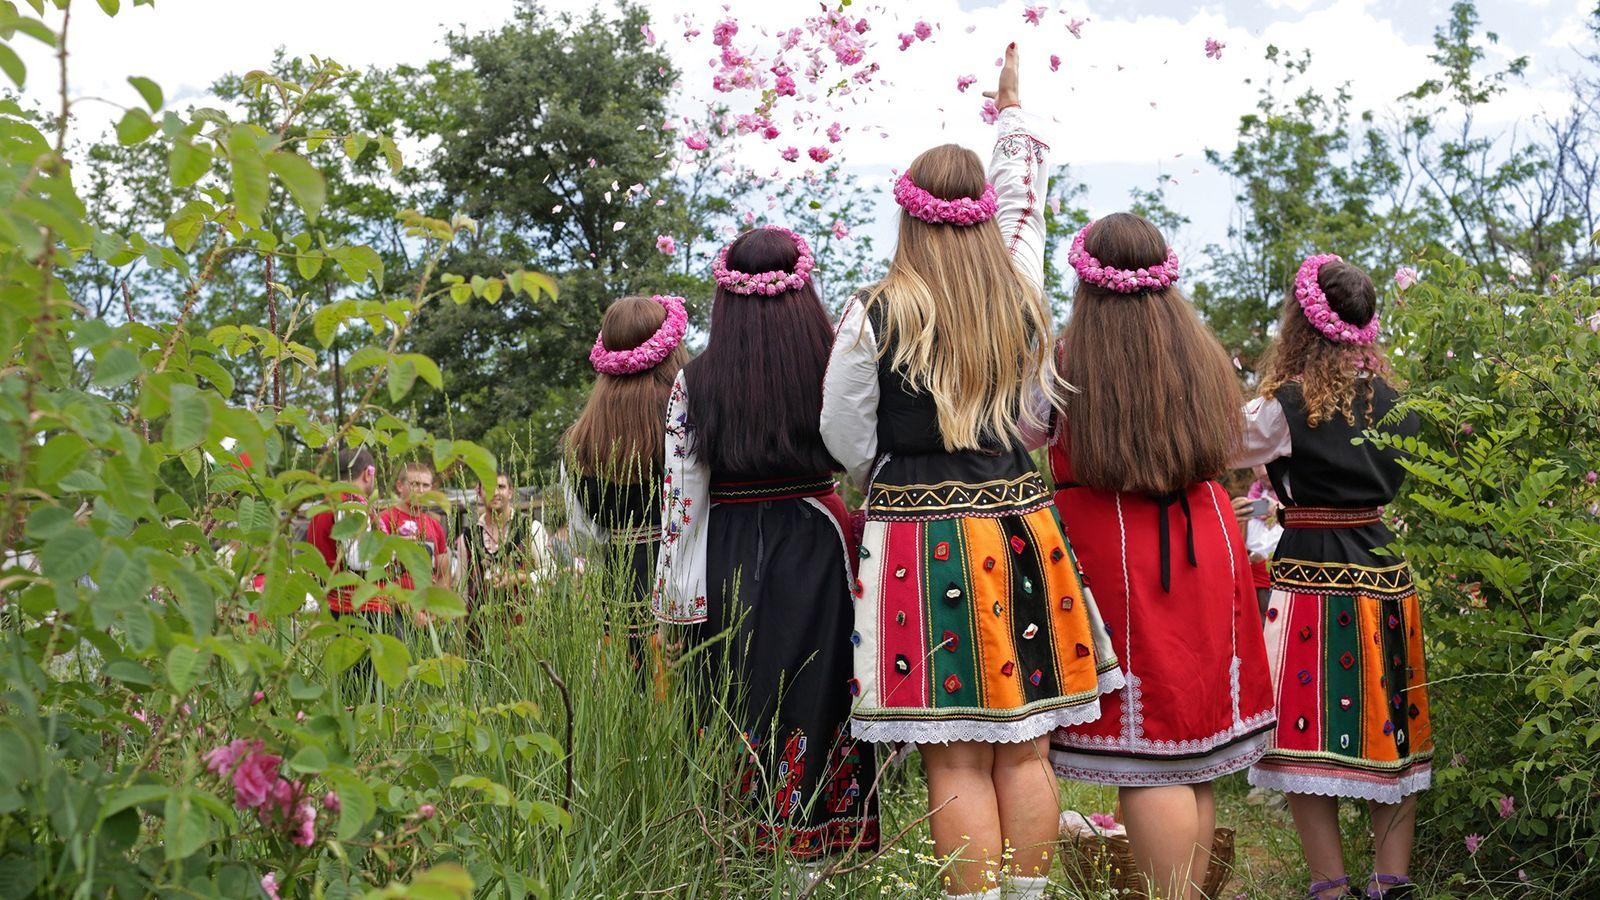 Frauen in bulgarischer Tracht posieren für ein Bild bei Buzovgrad, Bulgarien.